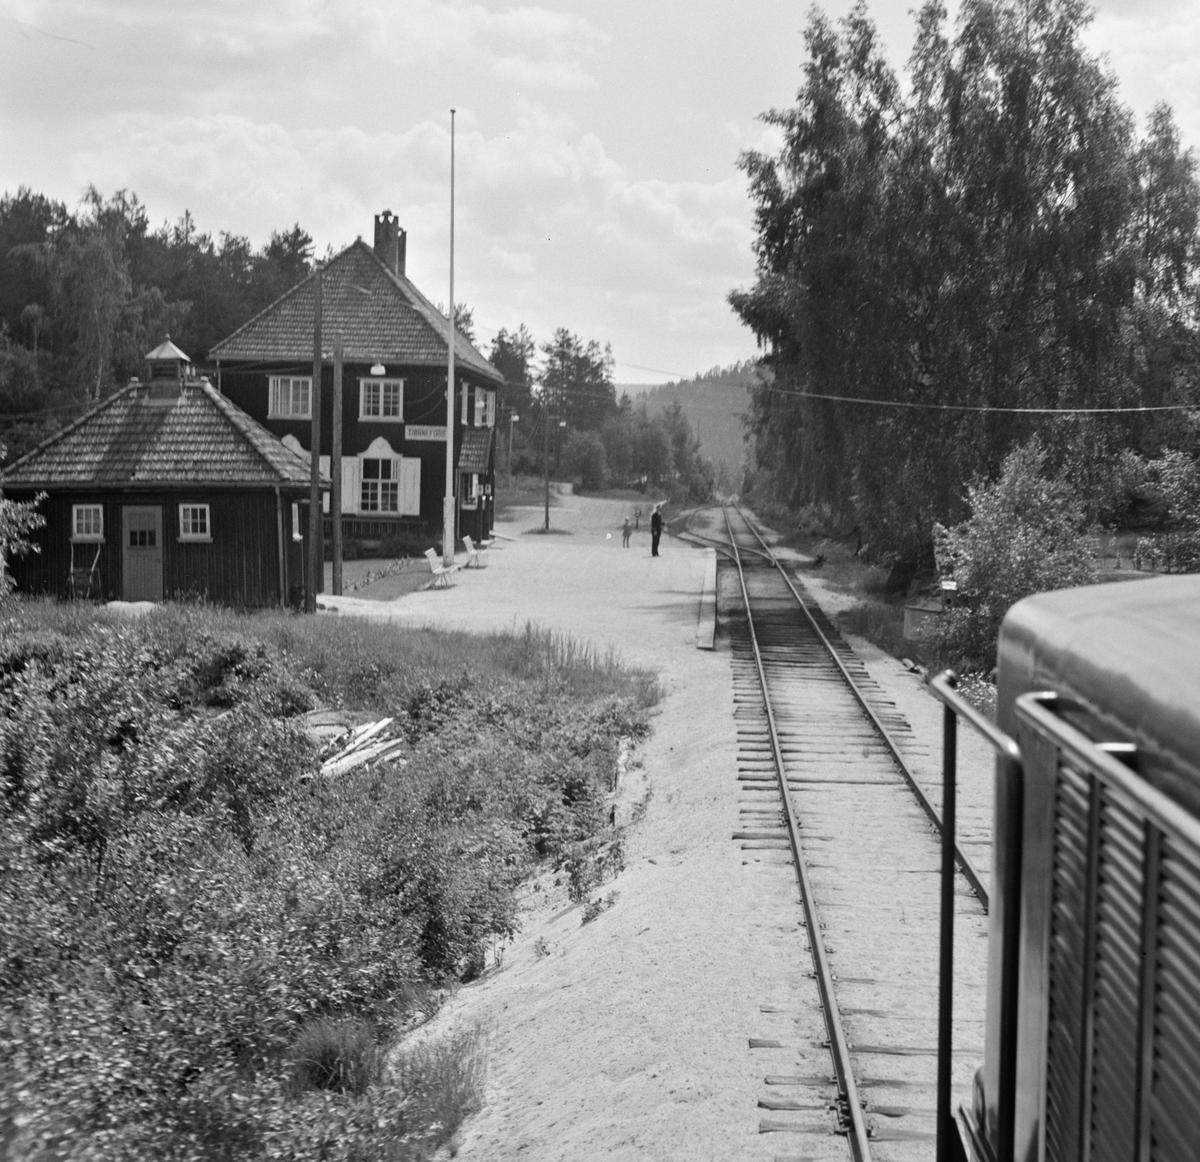 Fra Tjønnefoss stasjon på Treungenbanen. Utsikt fra førerrommet på diesellokomotivet.